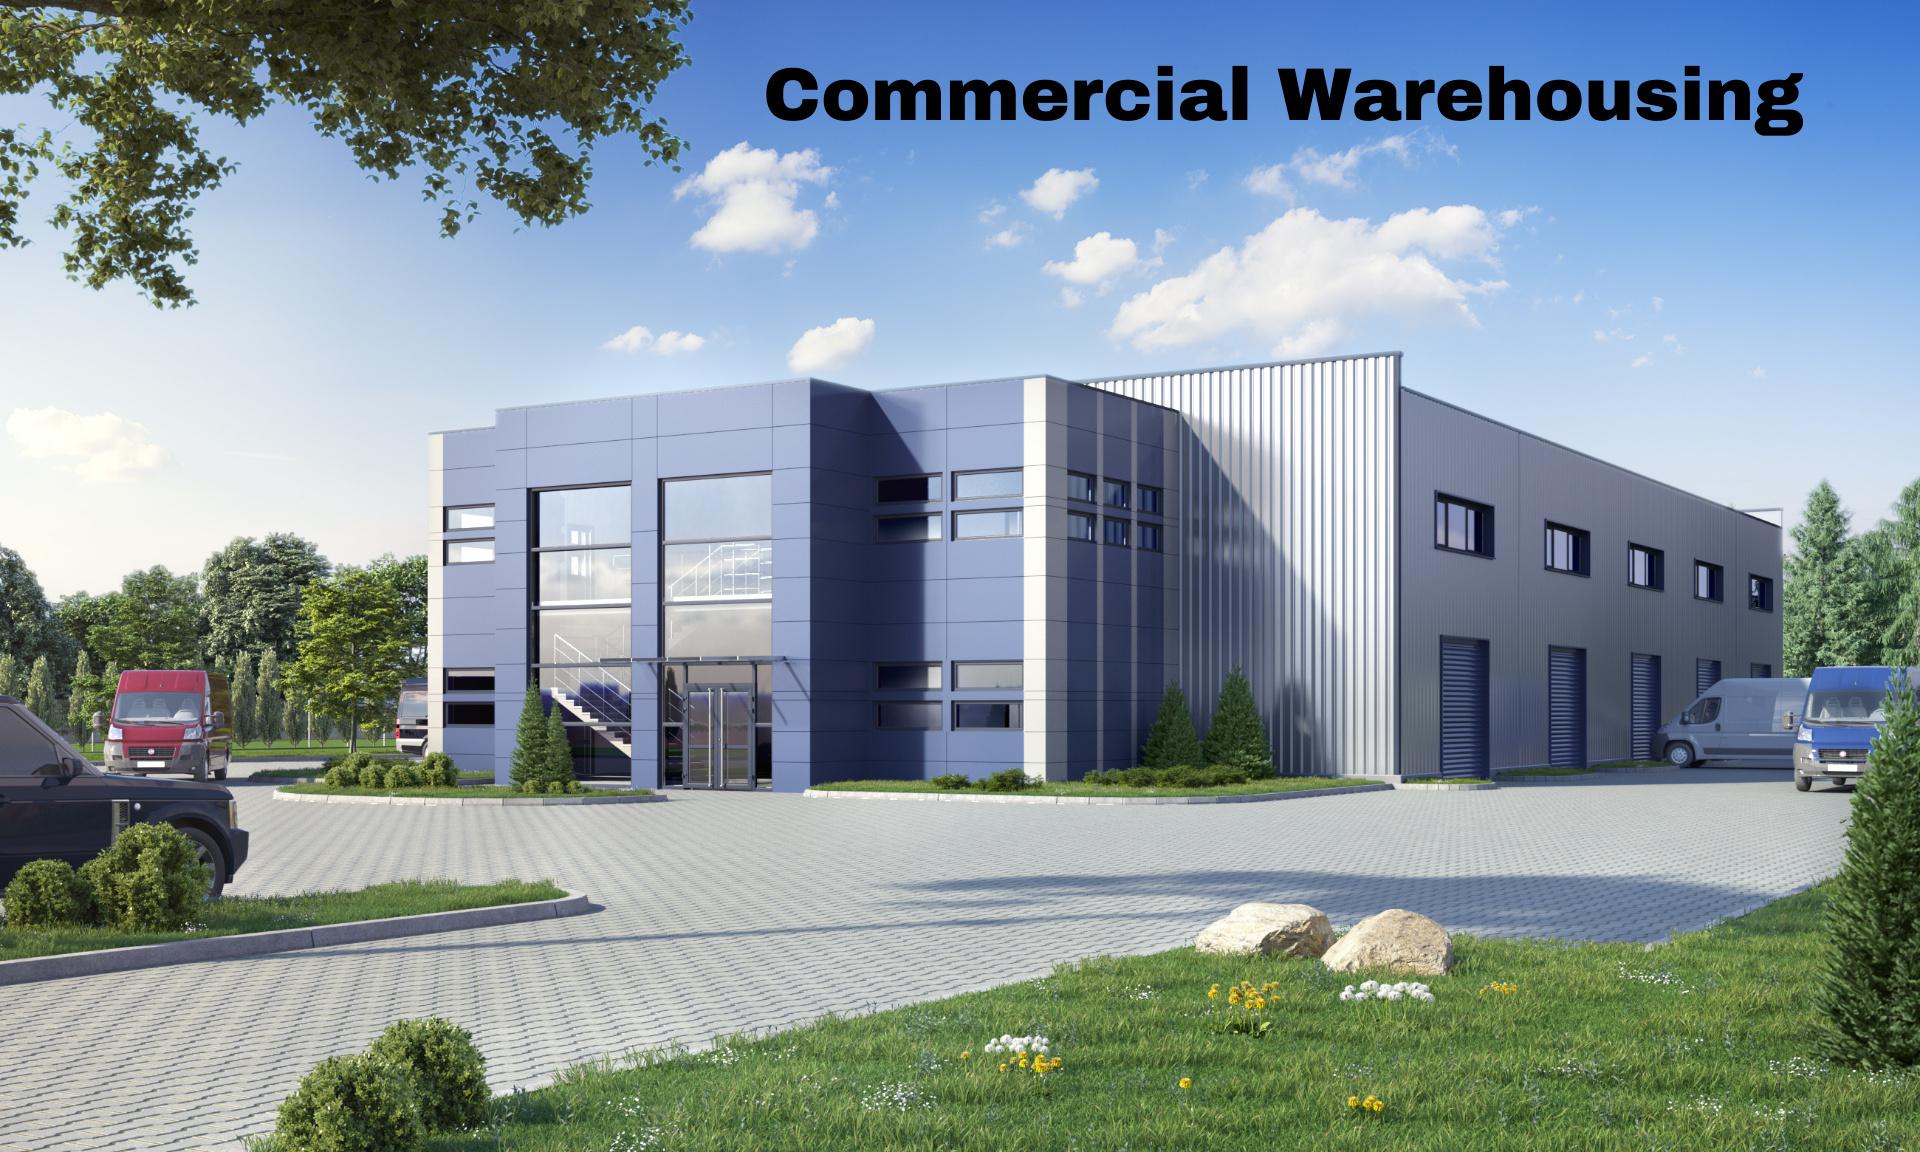 https://0201.nccdn.net/1_2/000/000/099/5d9/Commercial-Warehousing2-1920x1152.jpg